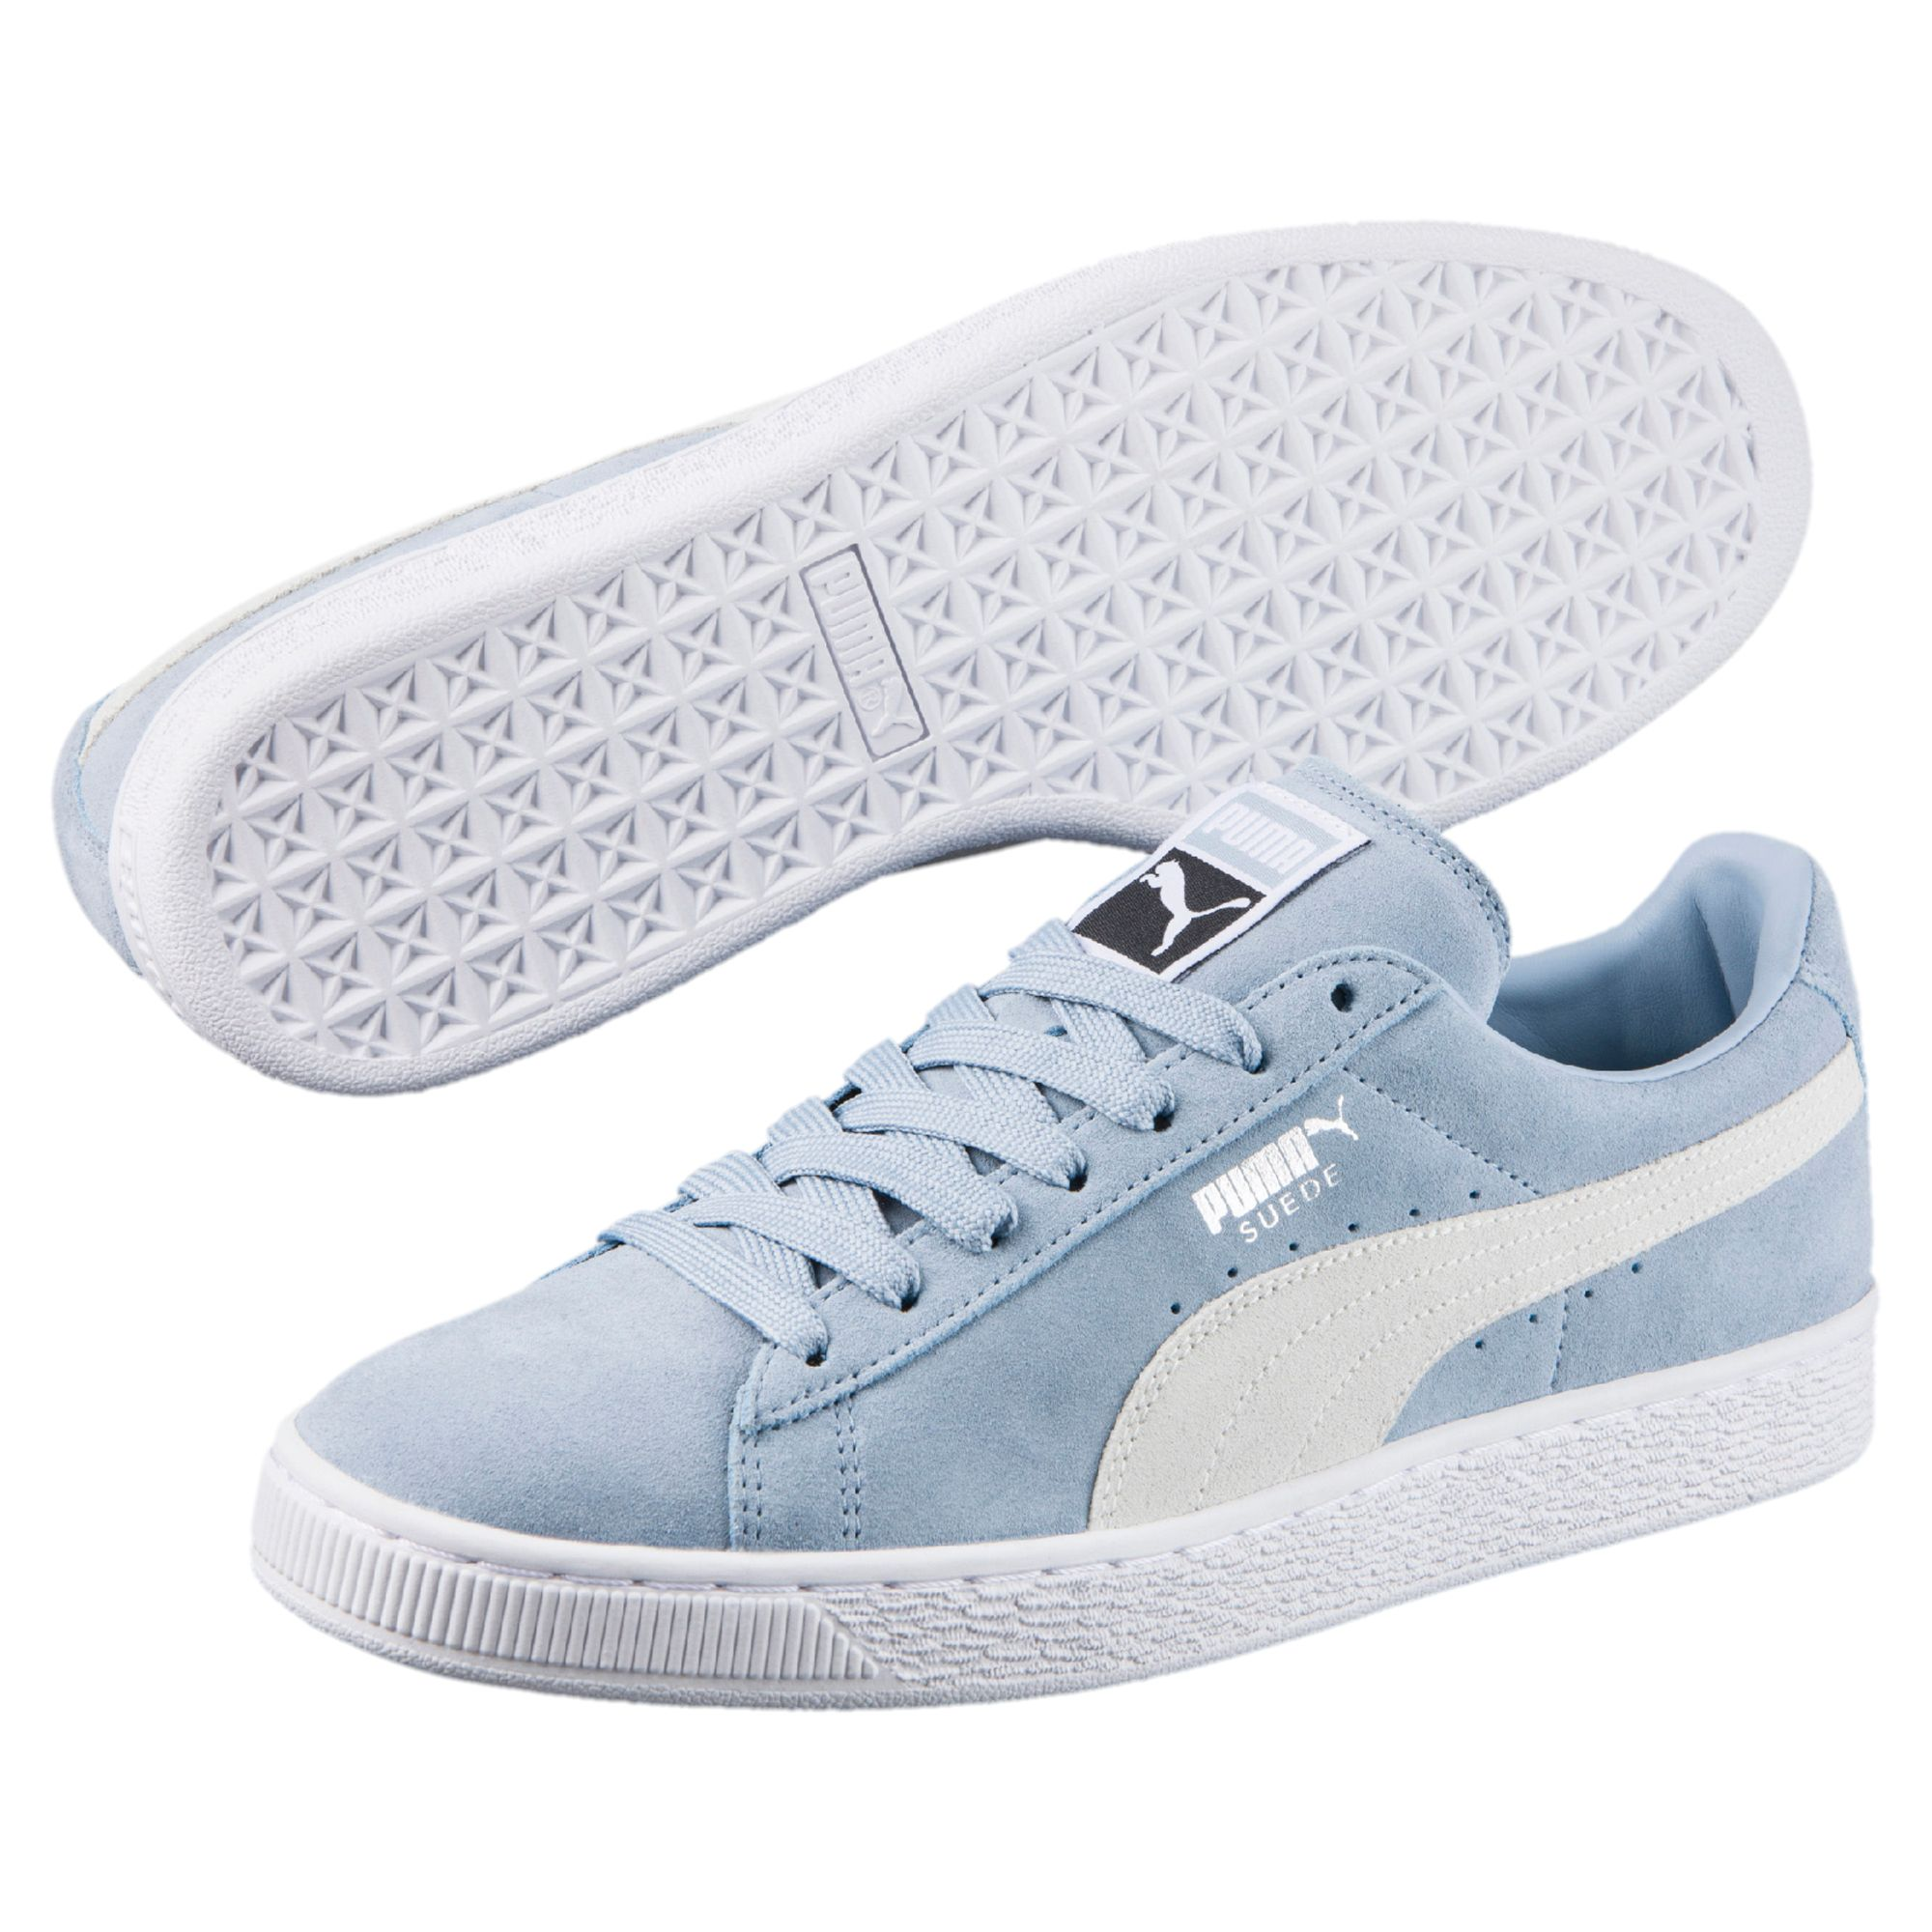 PUMA Classics Suede Classic+ Sneaker Sport Classics PUMA Schuhe Männer Neu 09c010